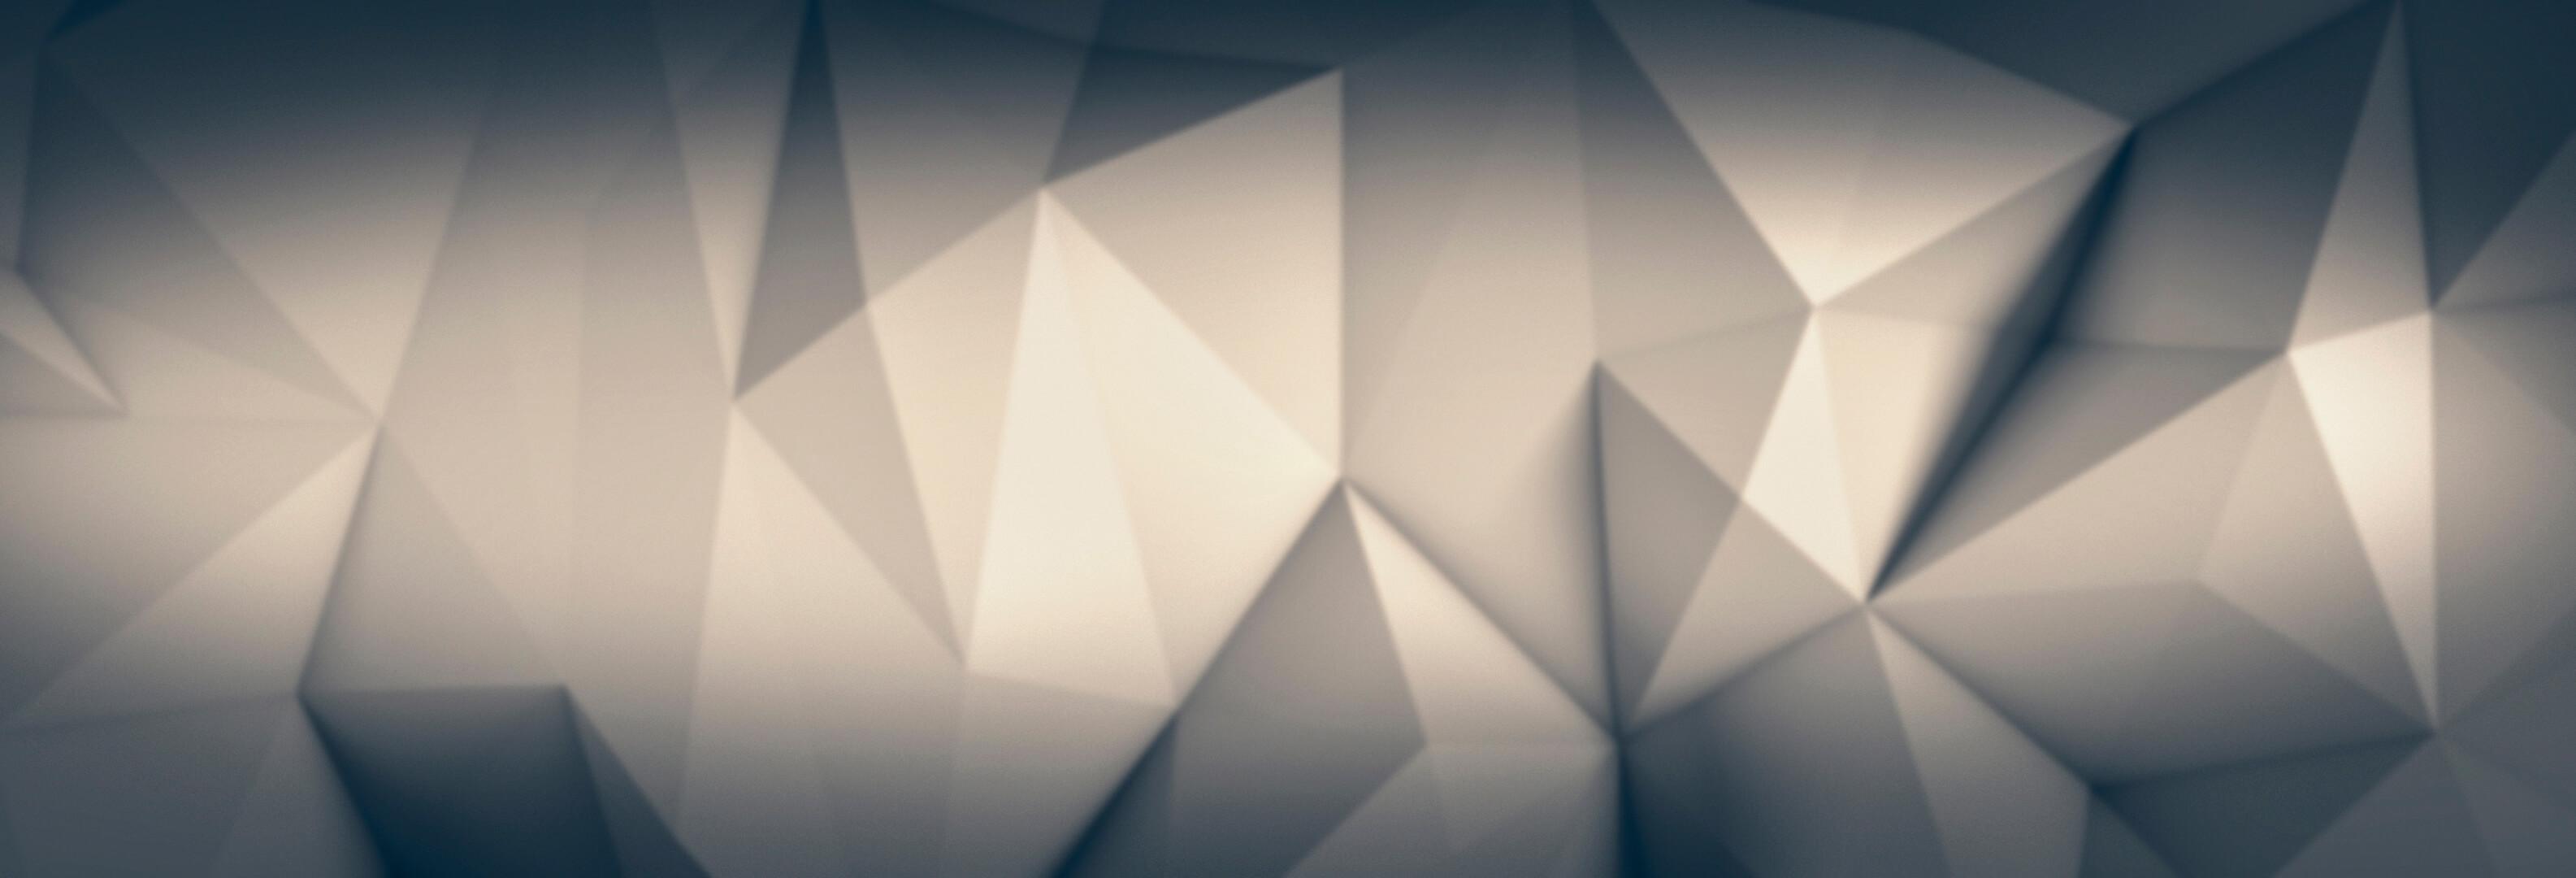 Innovative Ansätze und Realisierung von ungewöhnlichen Ideen? Werbung-Marketing von der Agentur David Bock Marketing & Design aus Attendorn